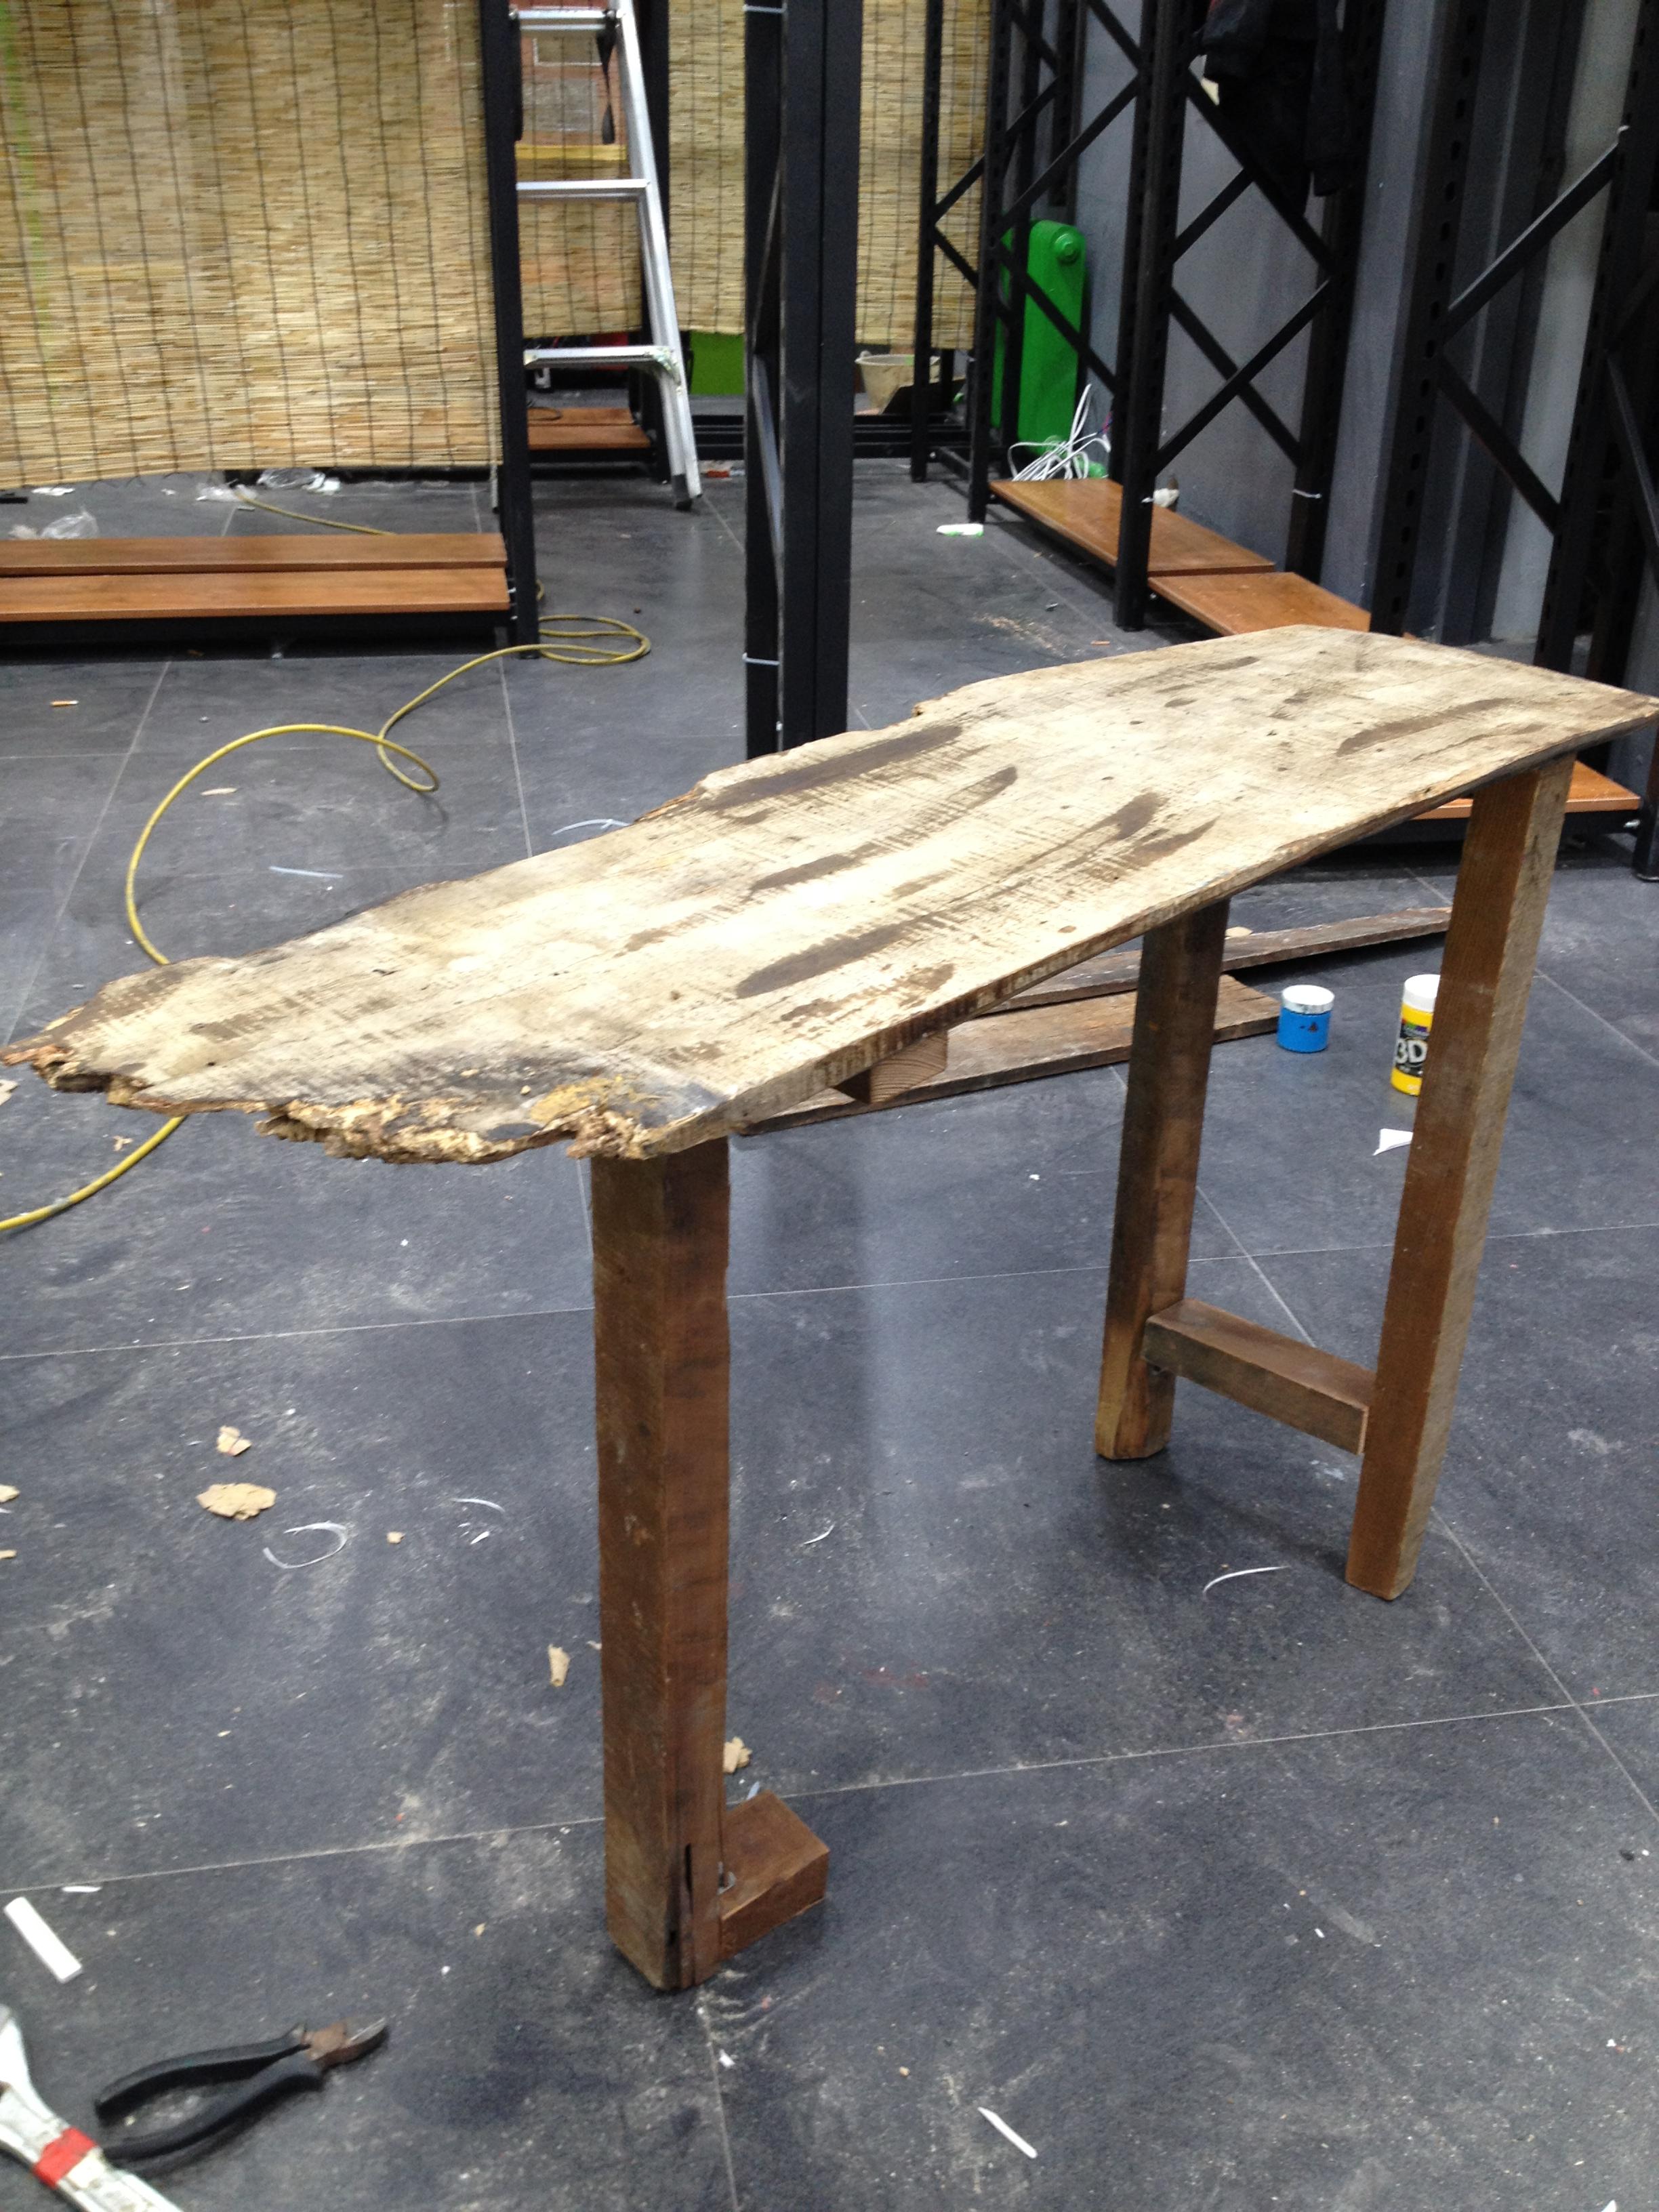 废旧木板制作的陈列架子